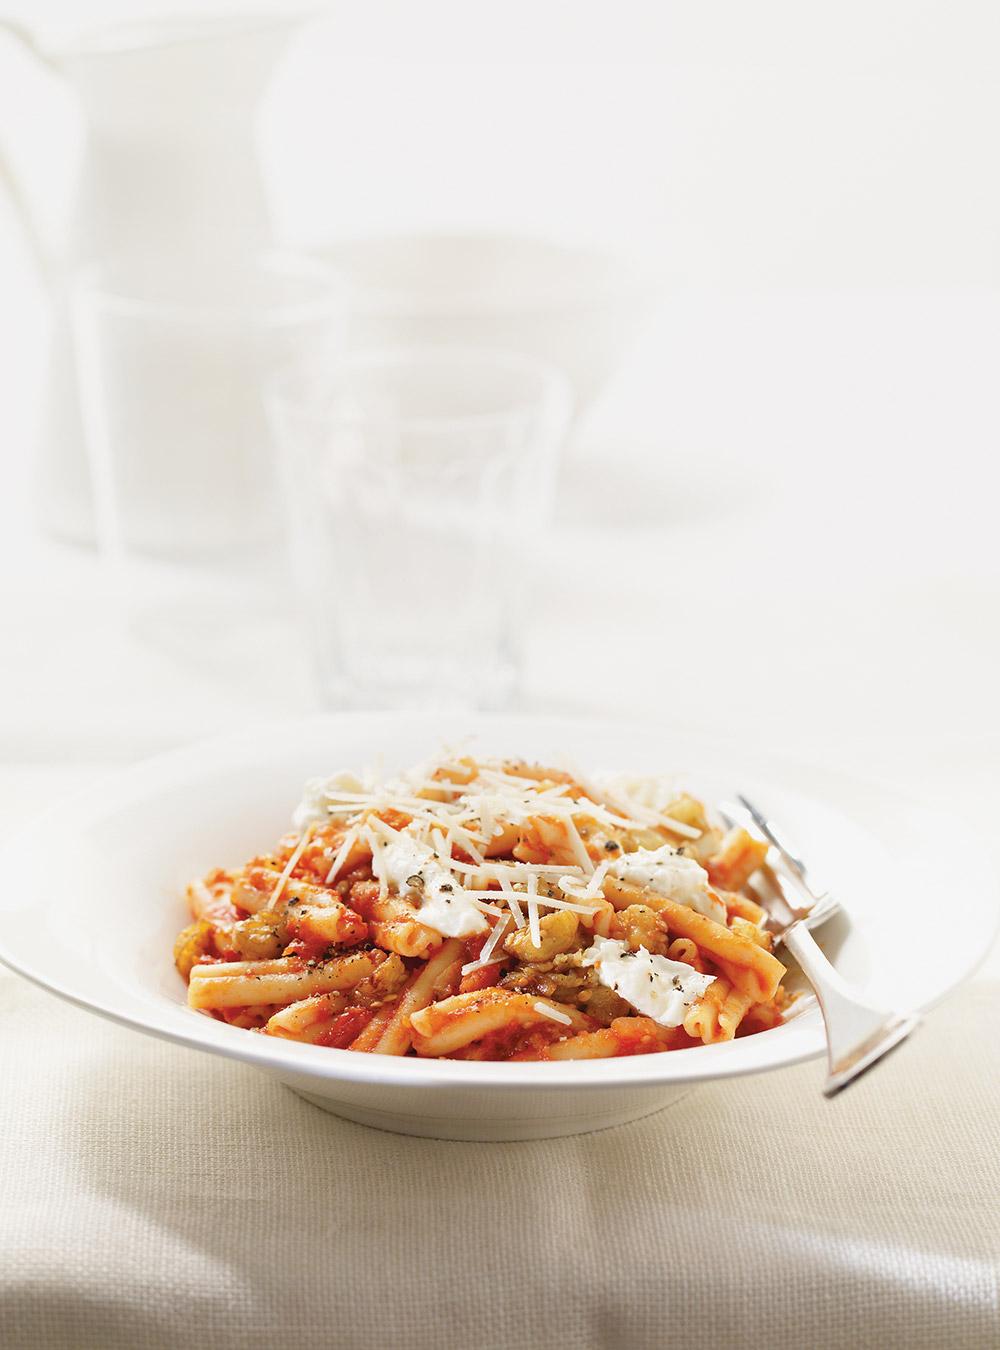 Gemellis à la sicilienne (pasta scarpariello) | ricardo